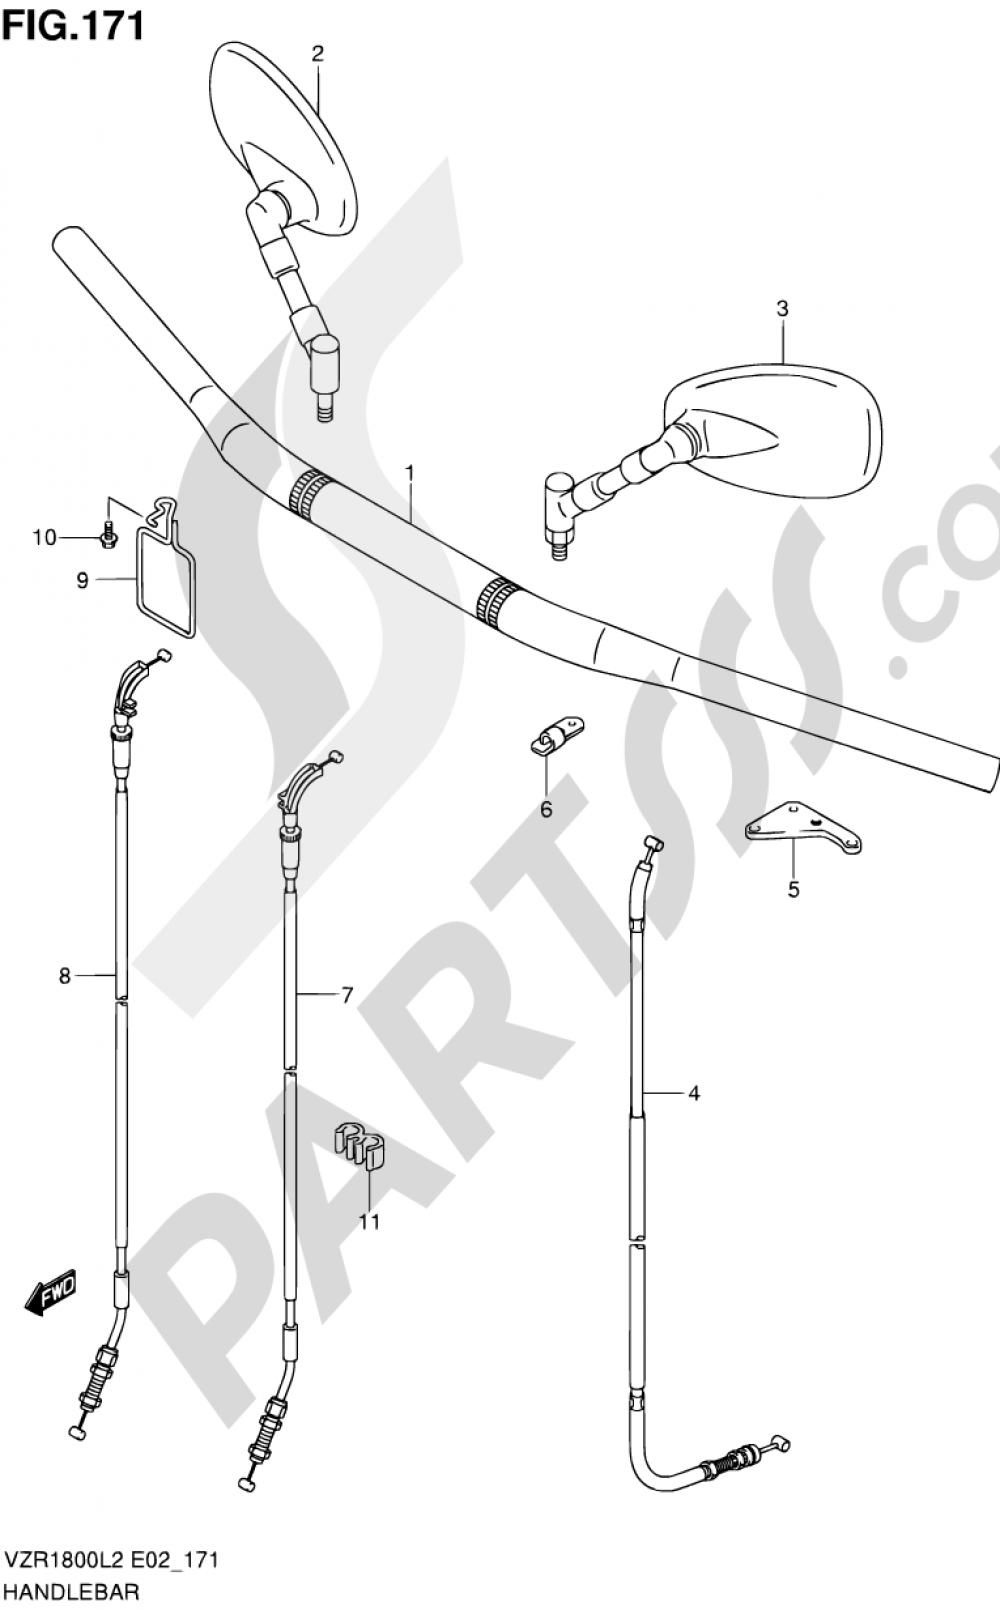 171 - HANDLEBAR (VZR1800UFL2 E19) Suzuki VZR1800 2012